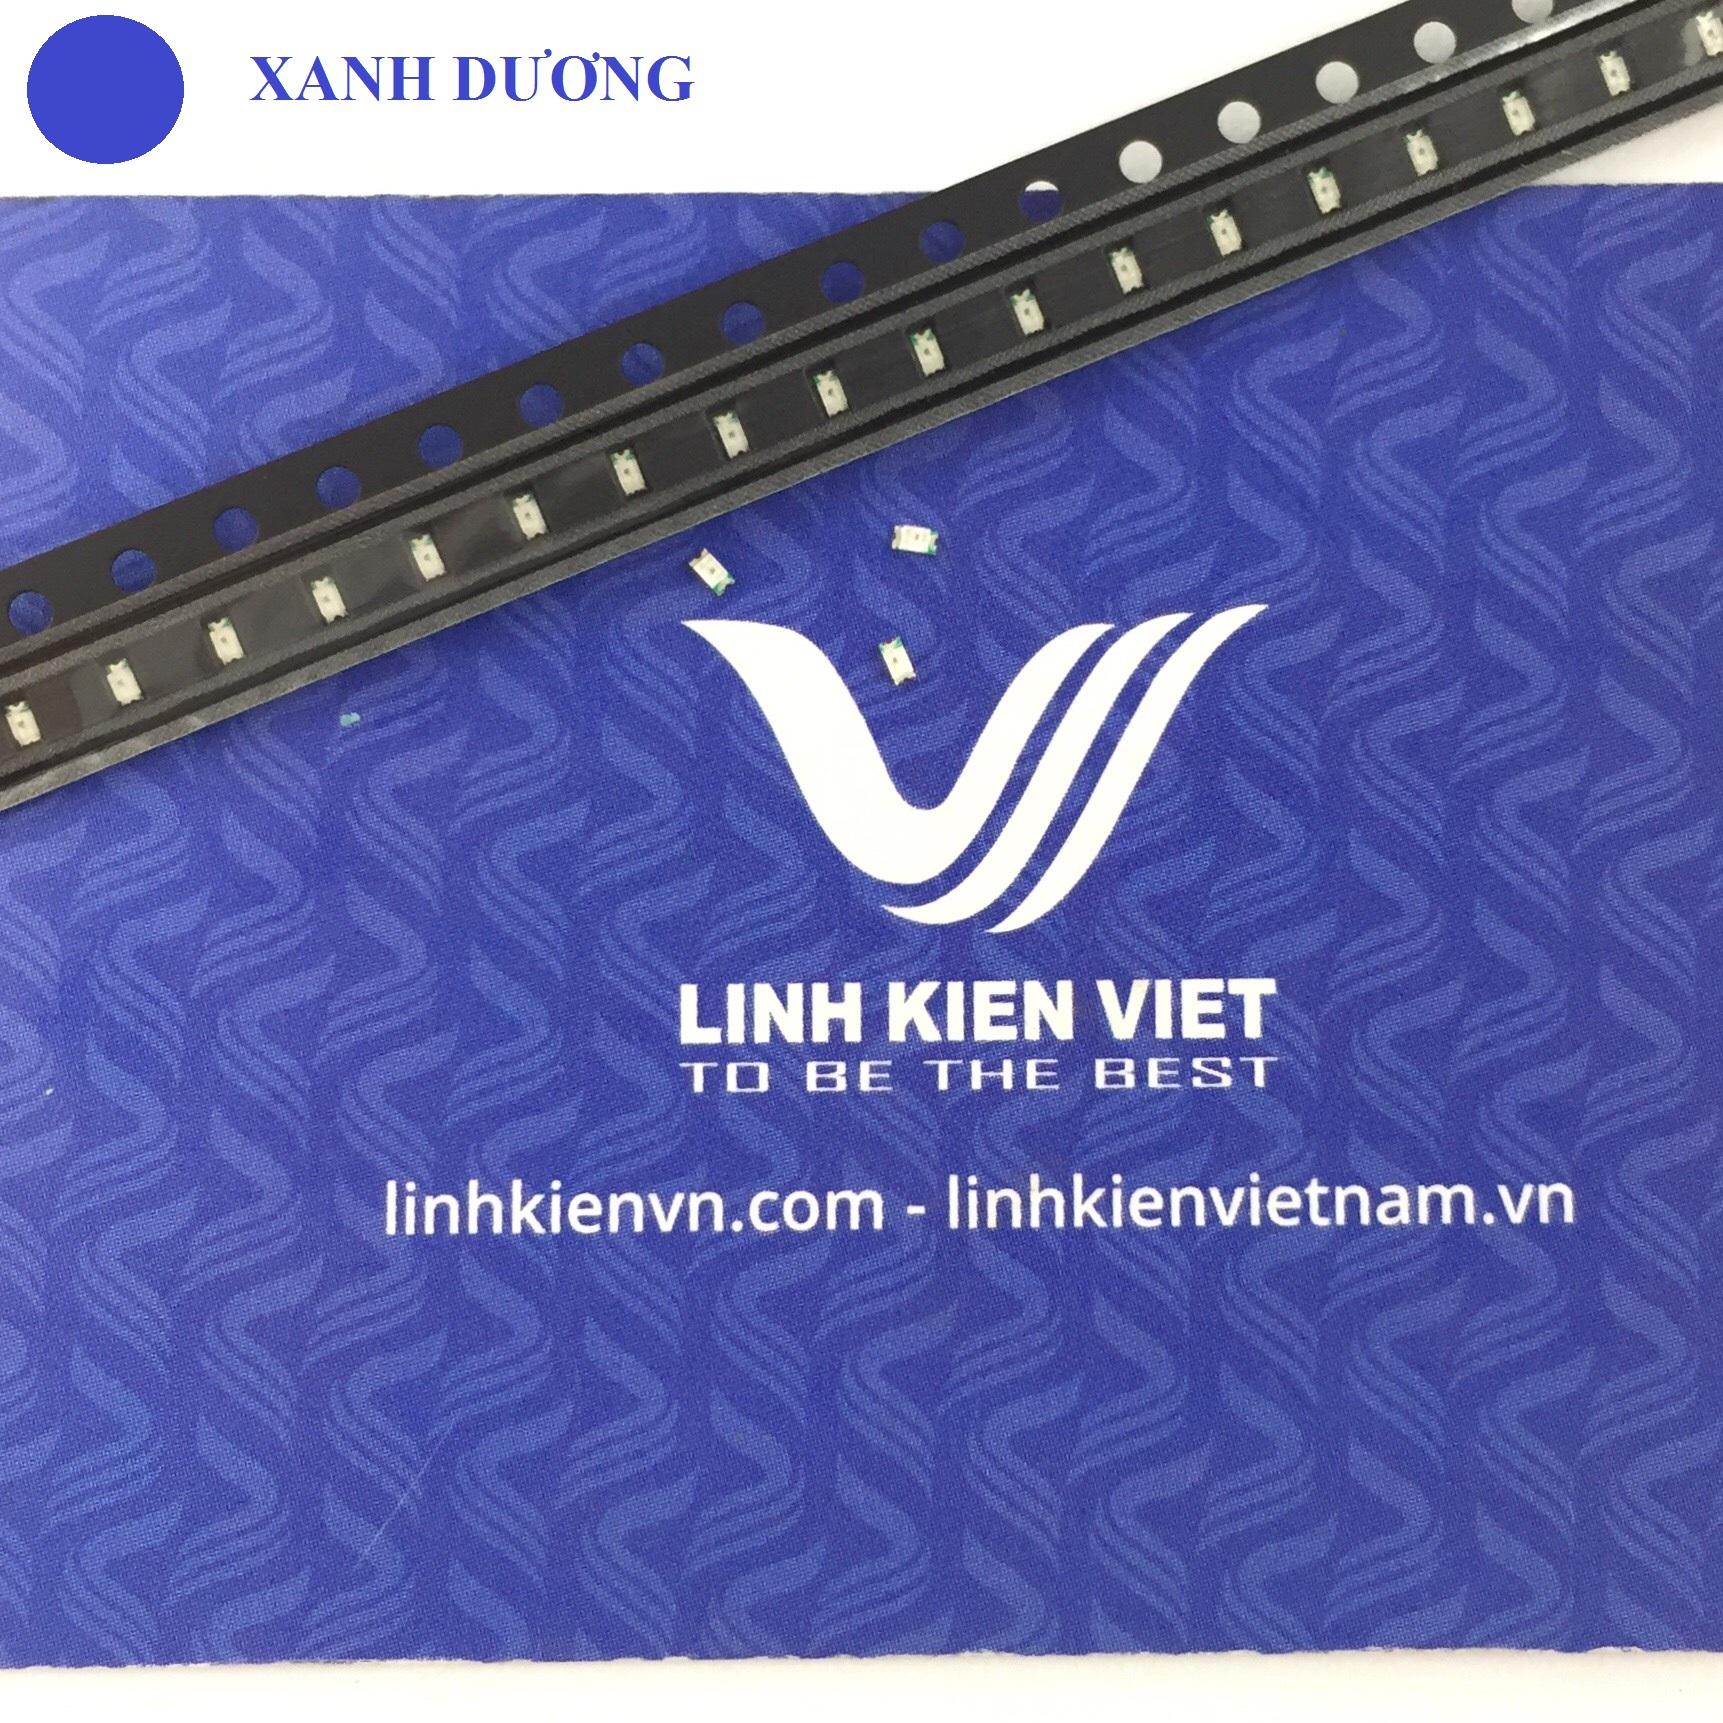 Led SMD 0603 màu xanh dương - 10 chiếc